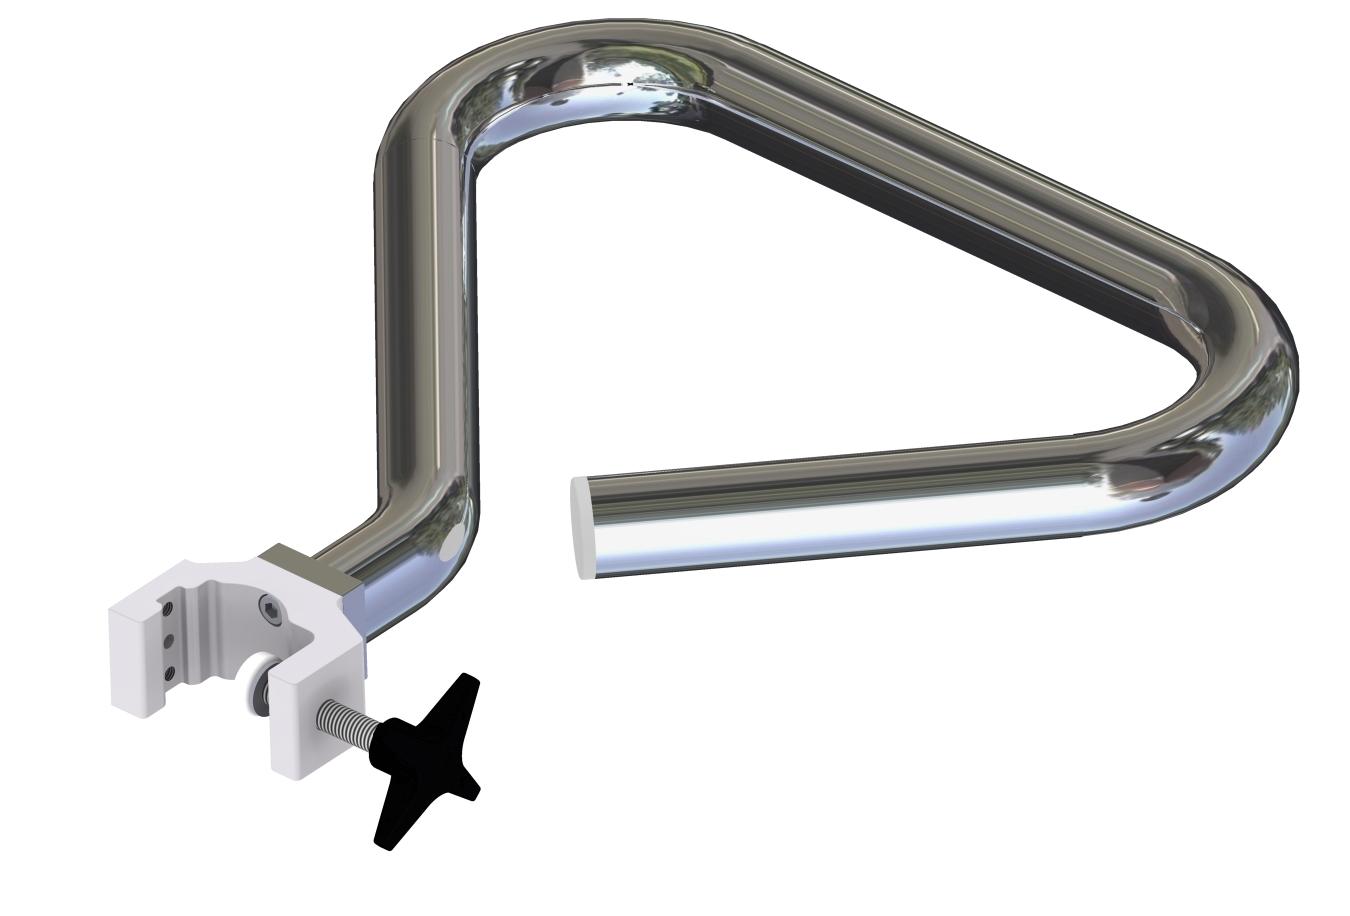 Pushing handle, JB 294-00-05